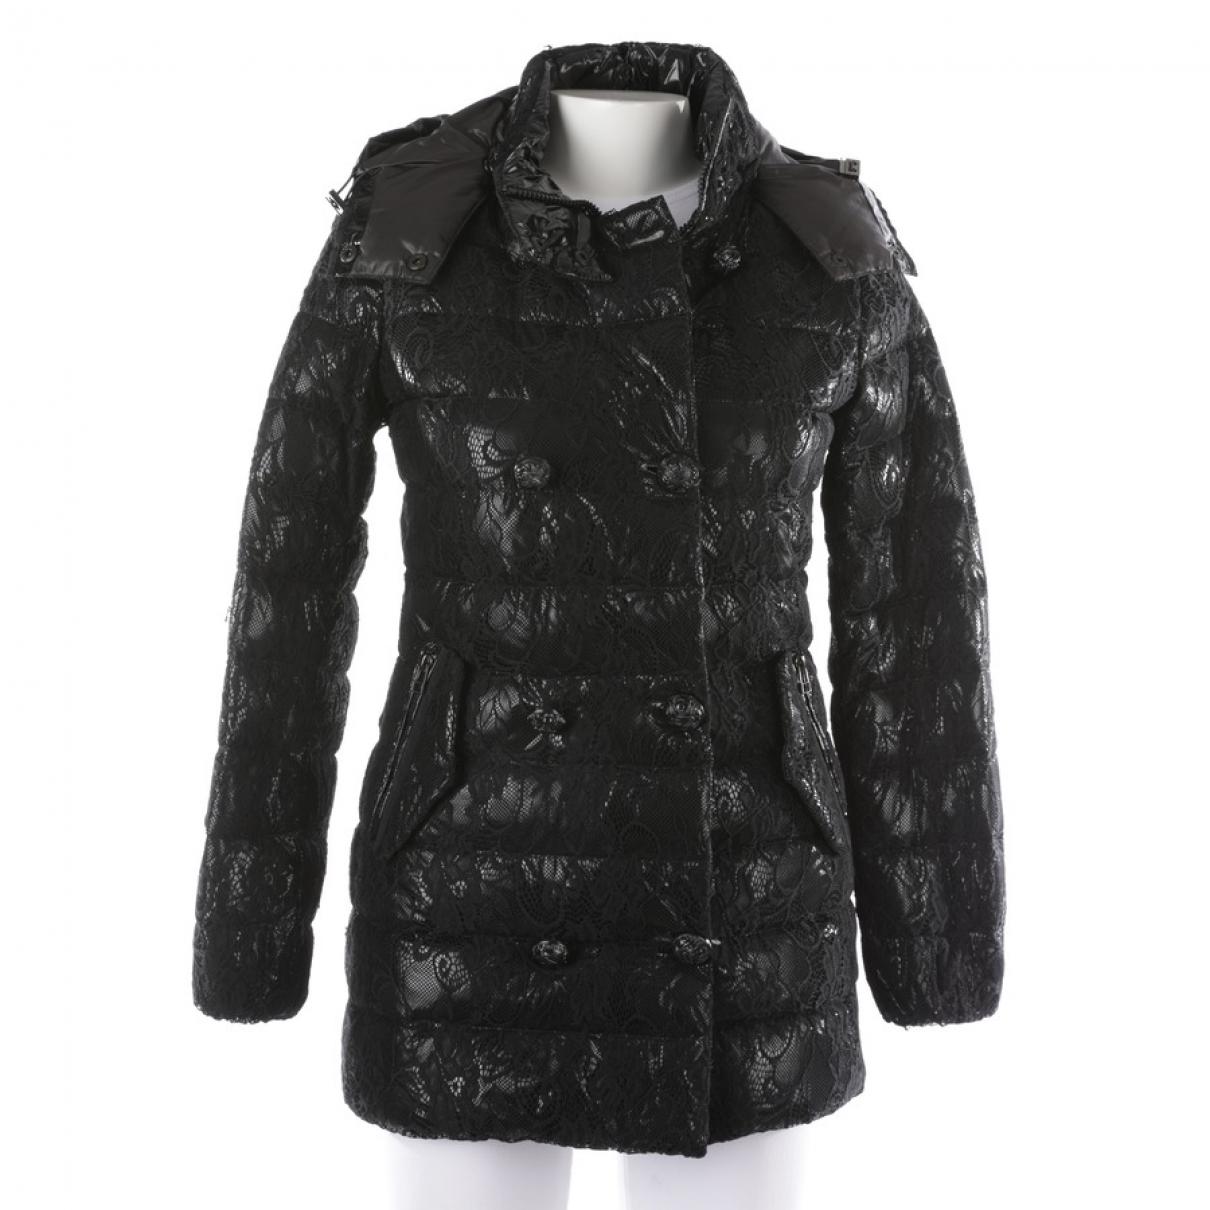 Sly010 \N Black coat for Women 36 FR